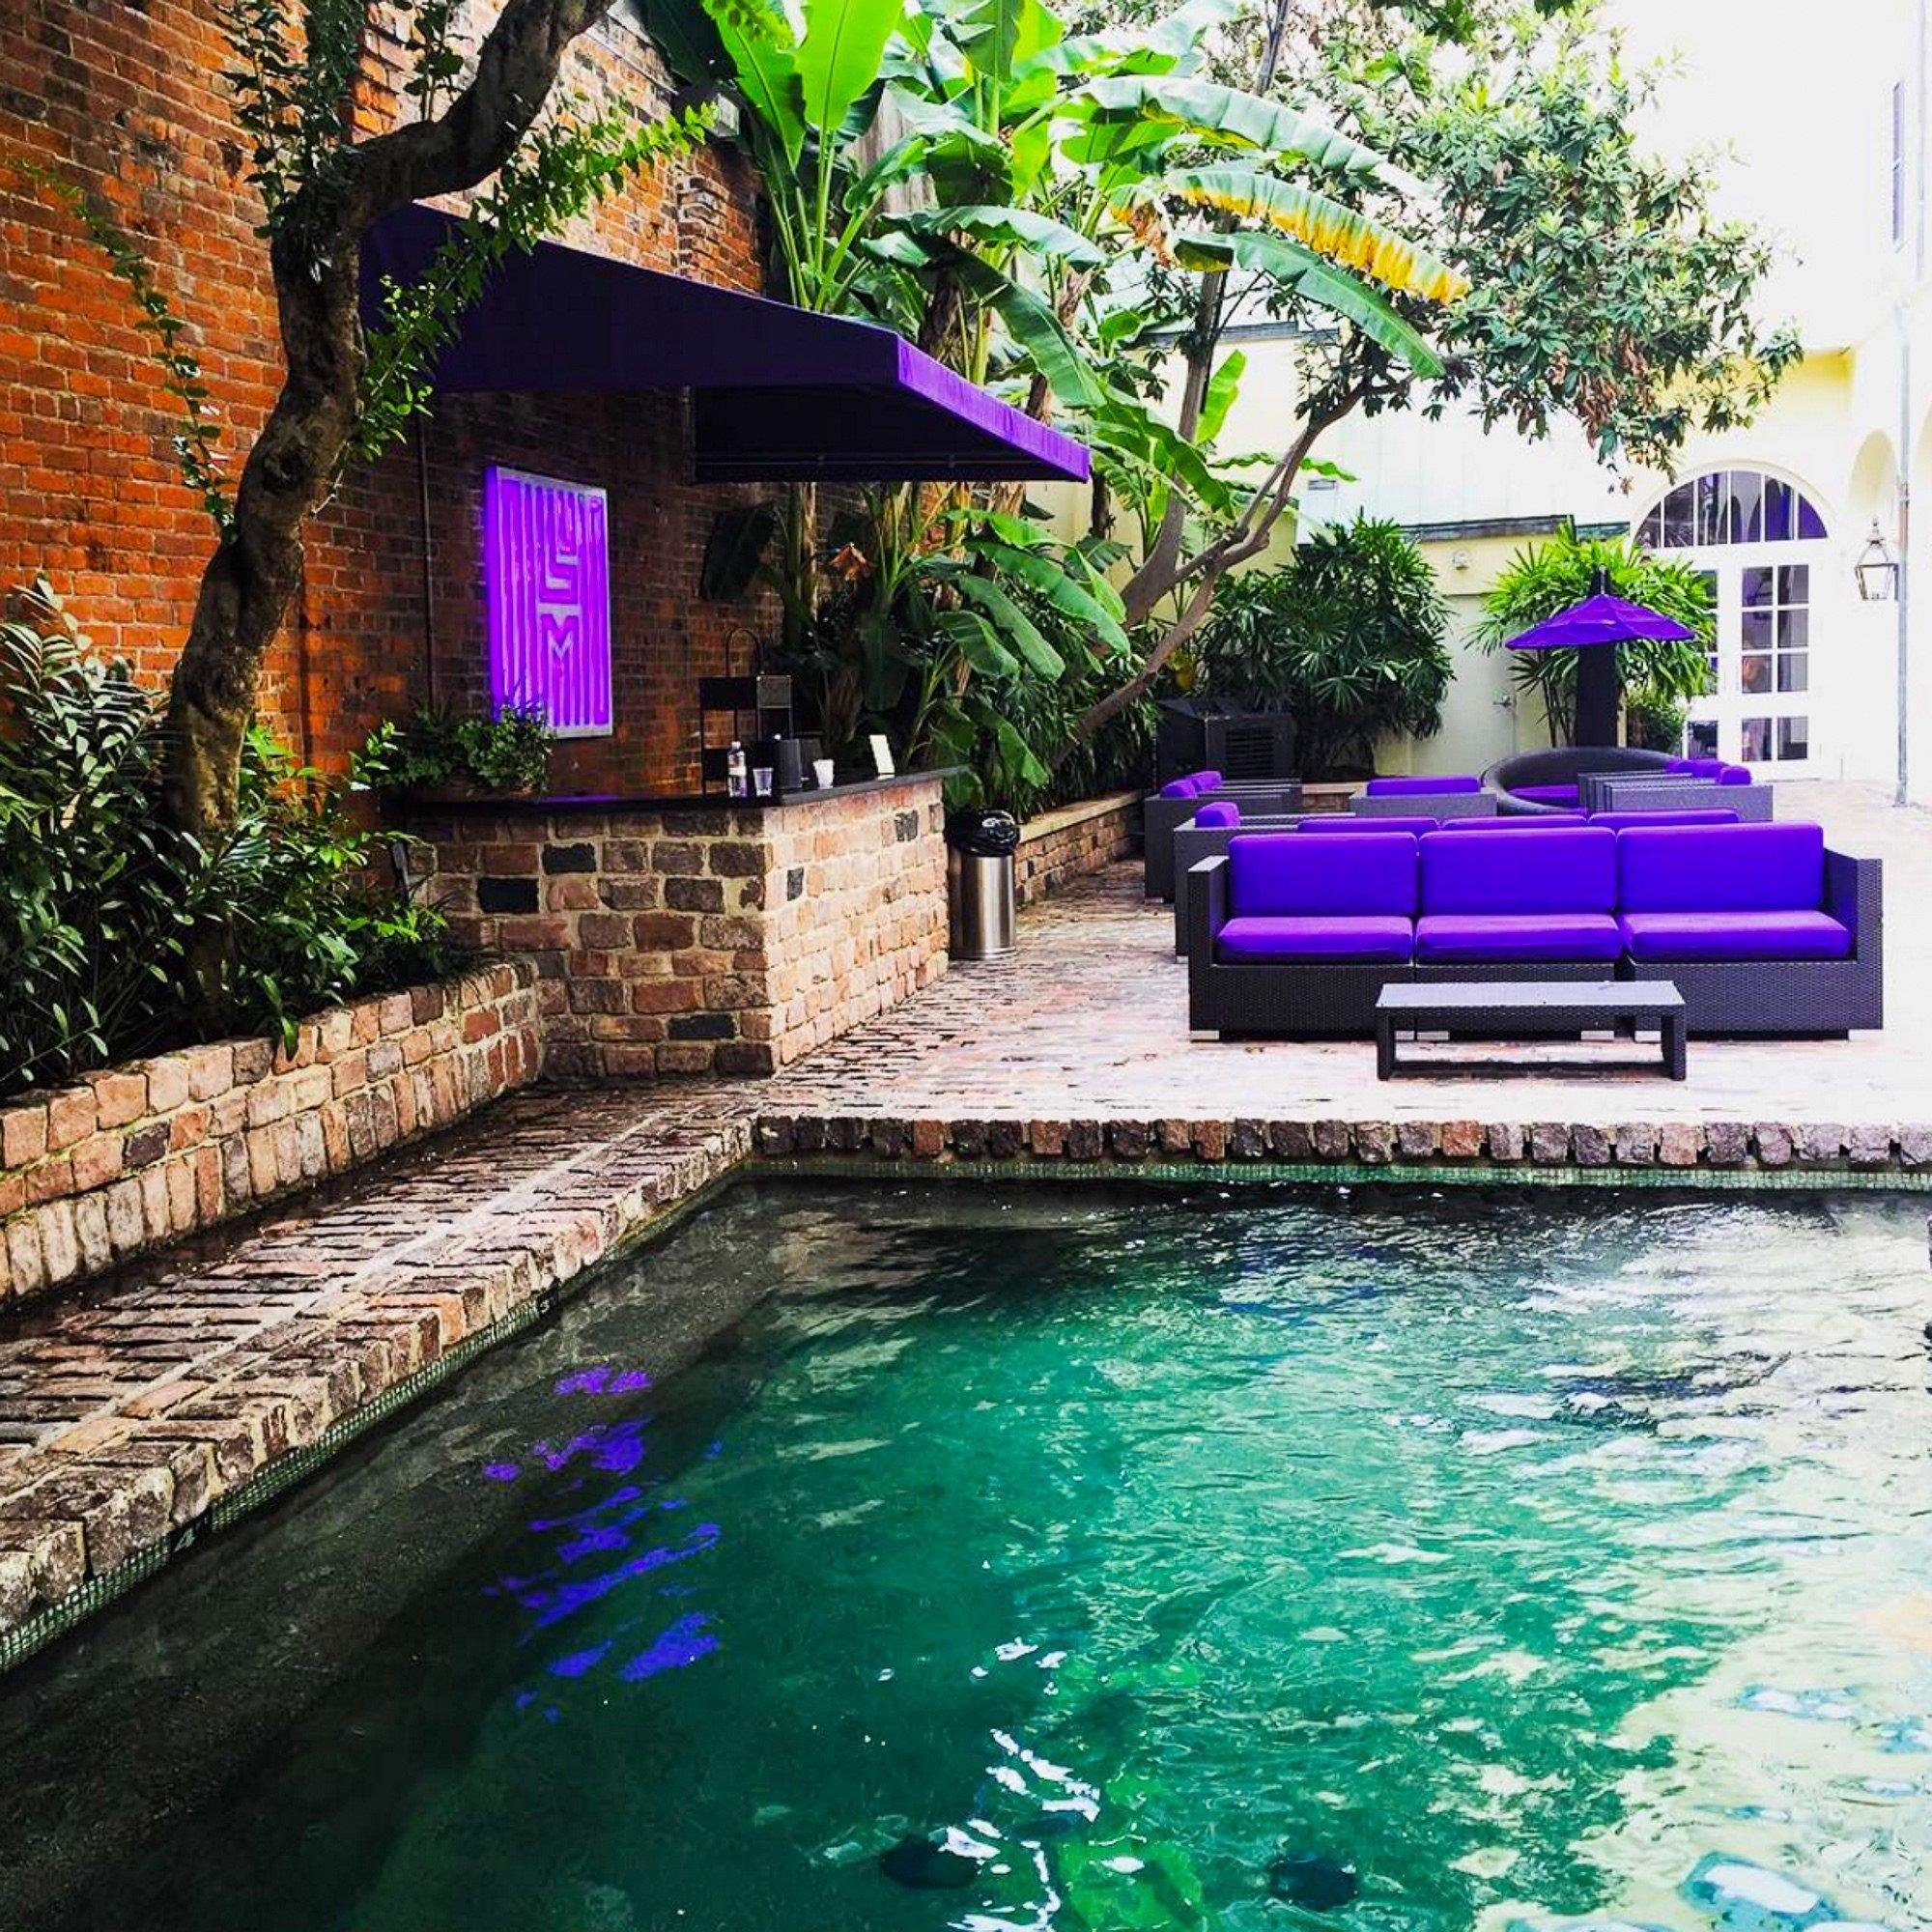 Hotel Le Marais pool